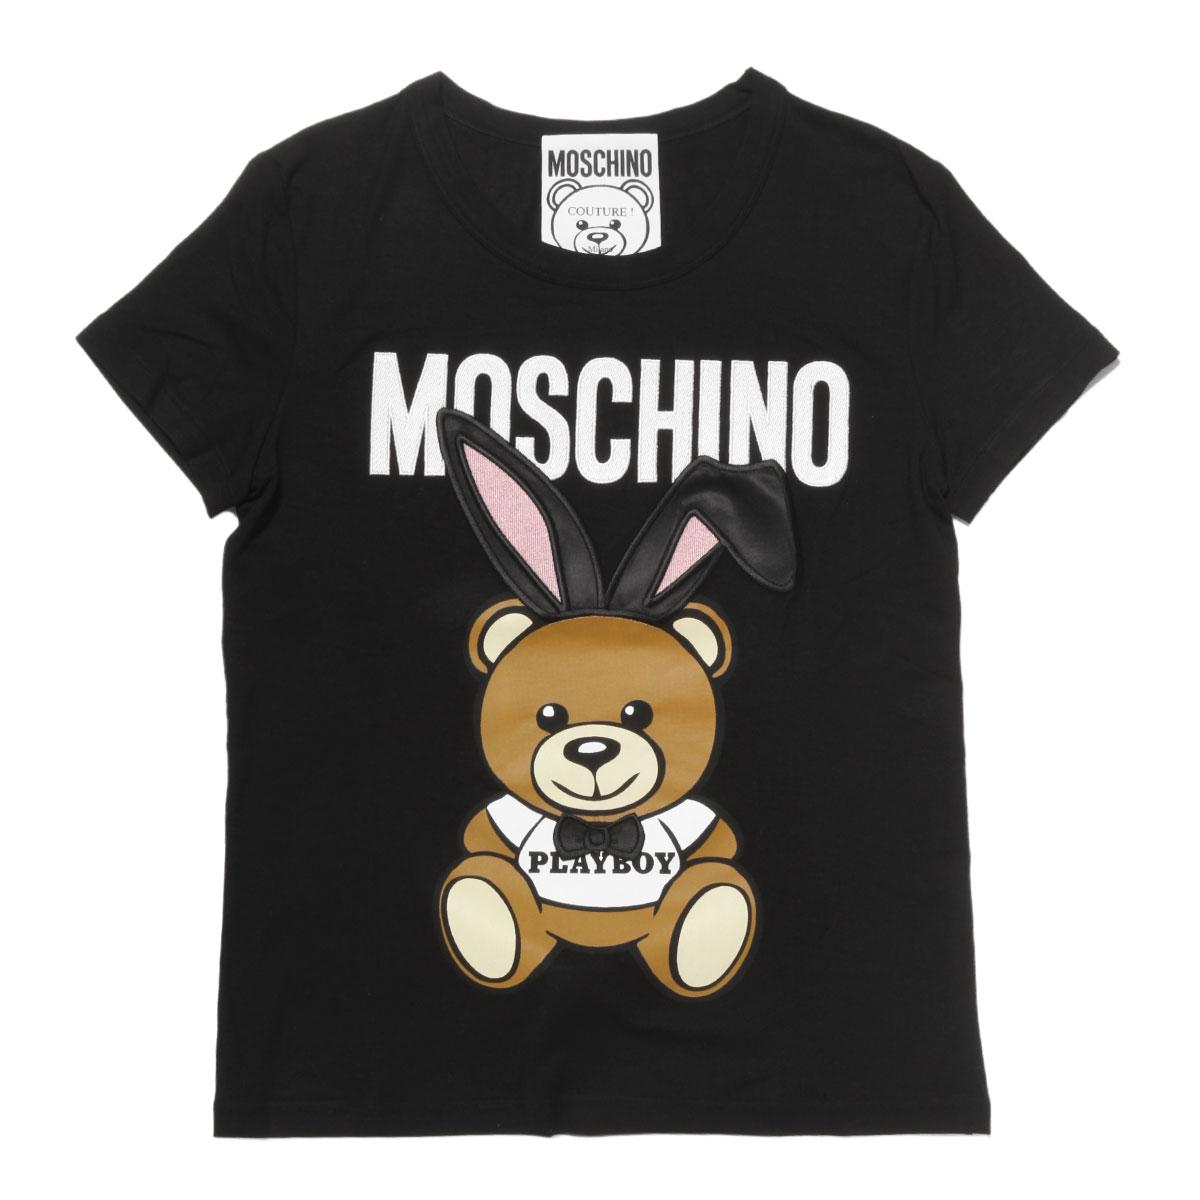 モスキーノ MOSCHINO Tシャツ レディース 0702 0544 1555 半袖Tシャツ BLACK ブラック